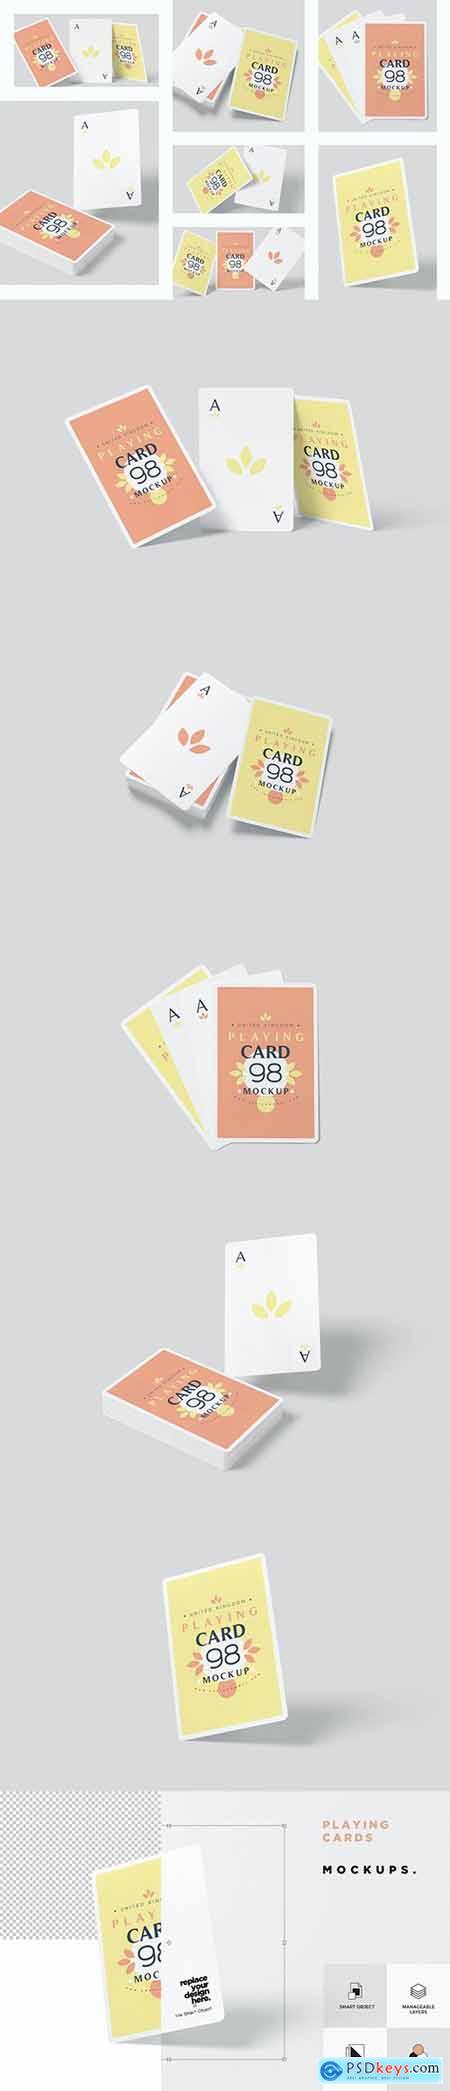 Cards Mockups